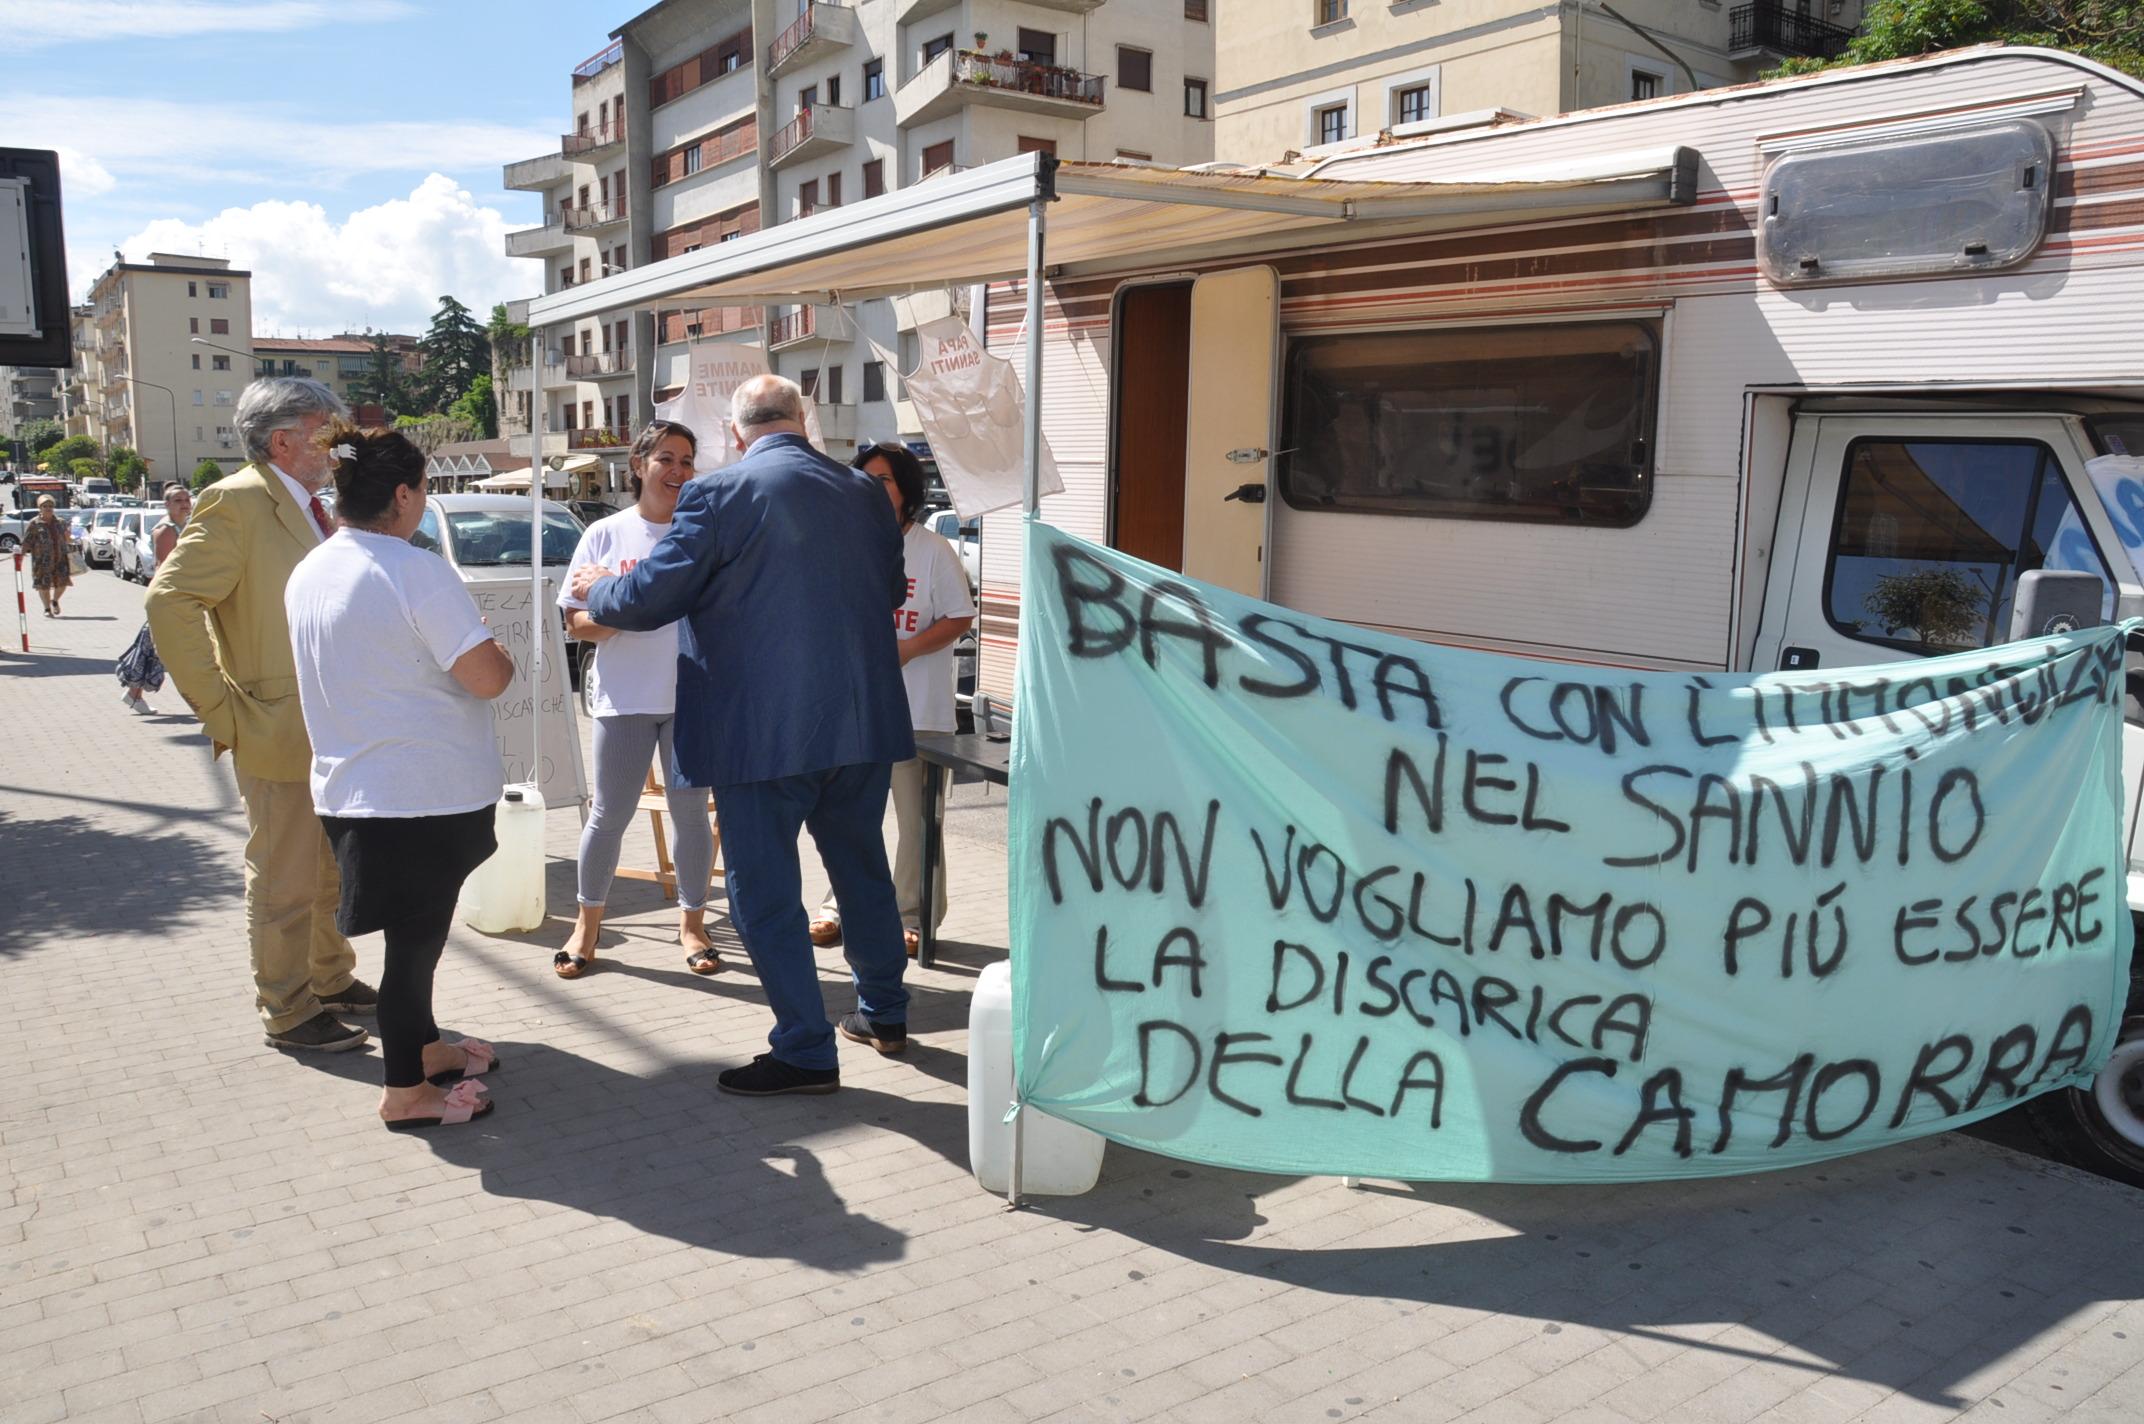 La solidarietà di Ricci alla mamma di Sassinoro in protesta contro la discarica